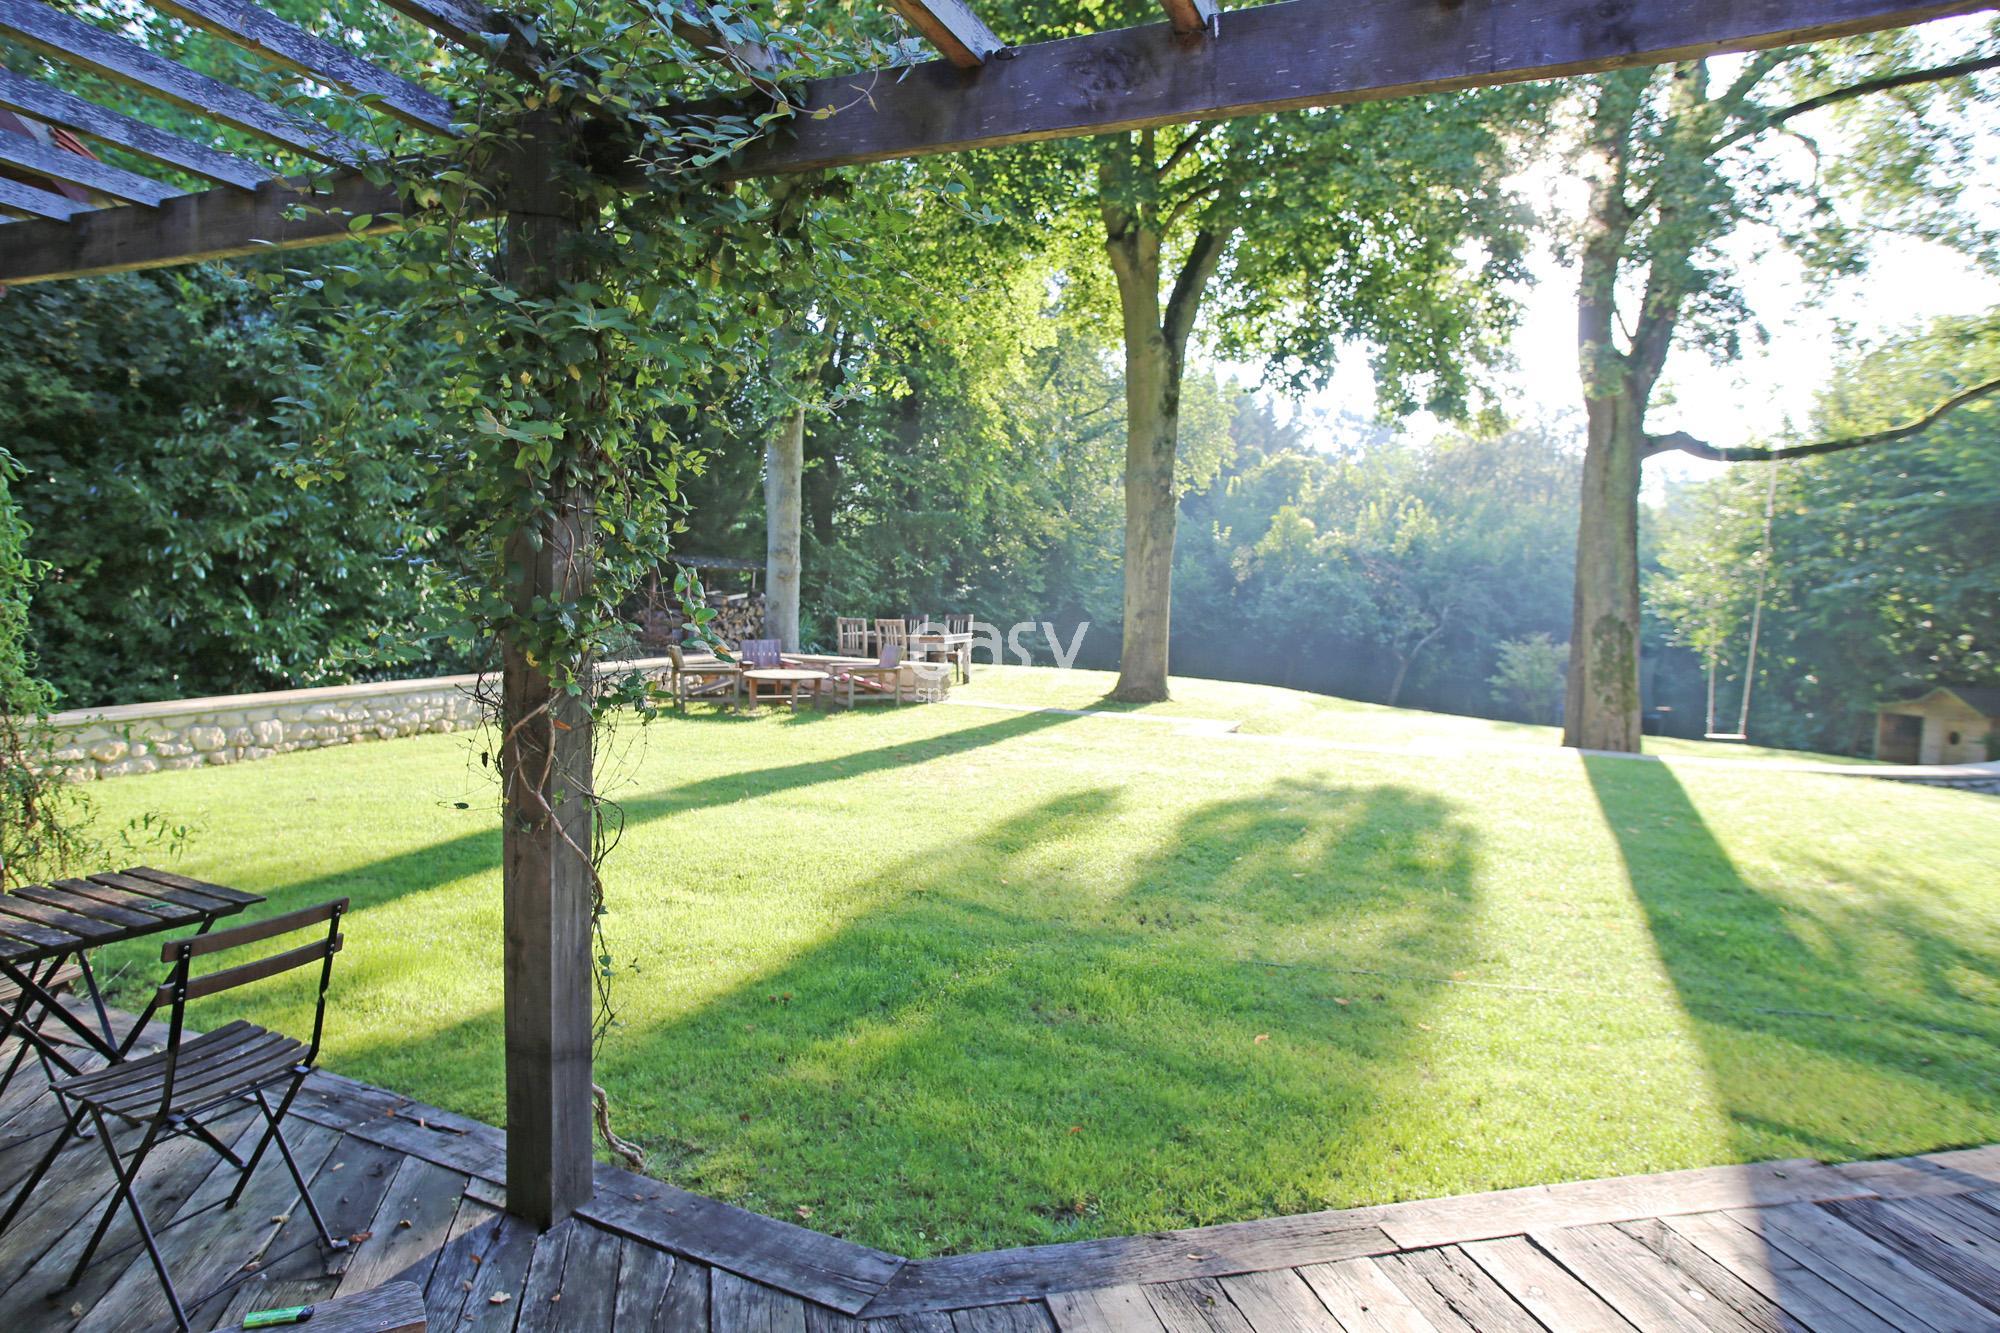 Location pour shooting photo tournage de film paris lieux lieu louer pour tournage dans le sud - Location maison pour film tournage ...